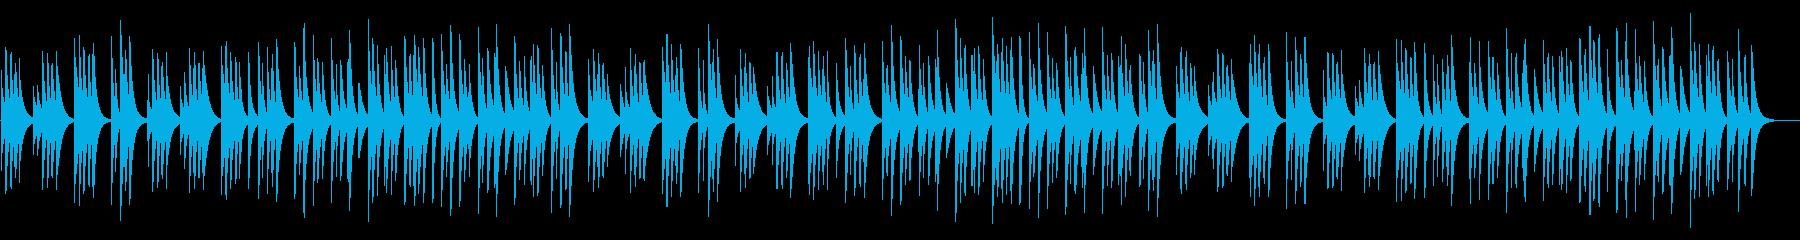 ジングルベル 18弁オルゴールの再生済みの波形